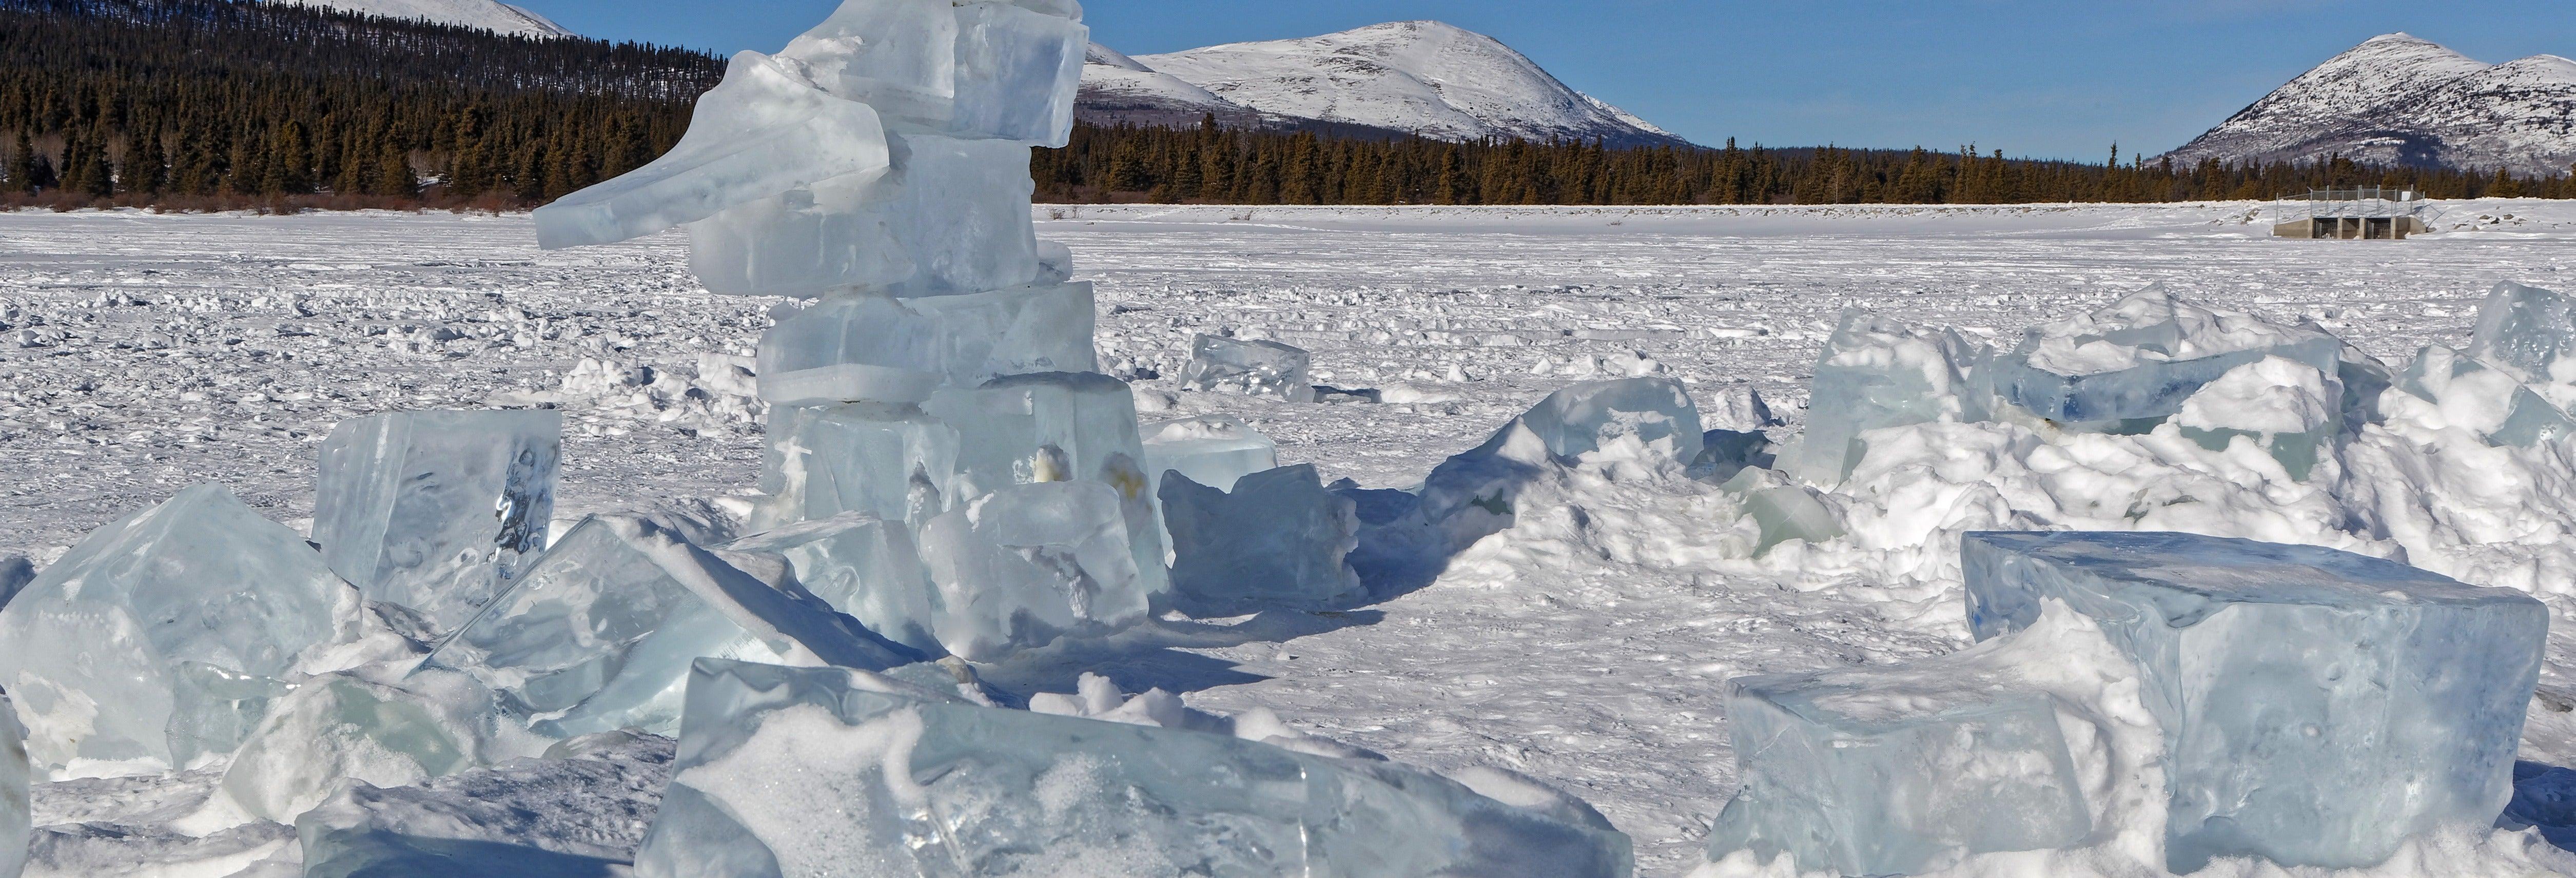 Pesca no gelo em Whitehorse + Raquetes de neve